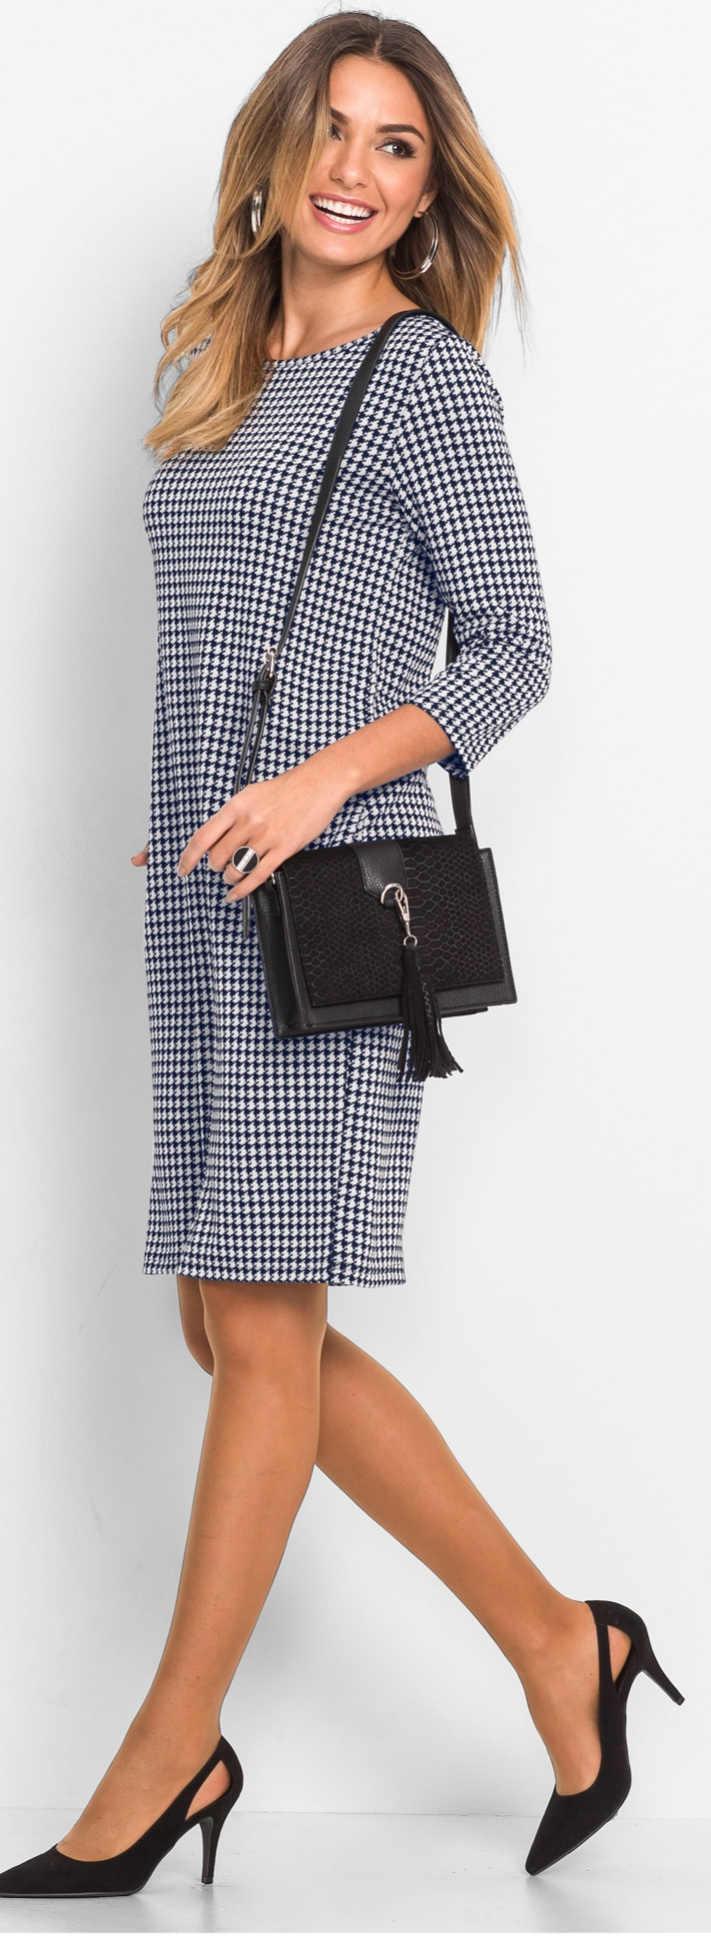 Čiernobiele kockované úpletové šaty